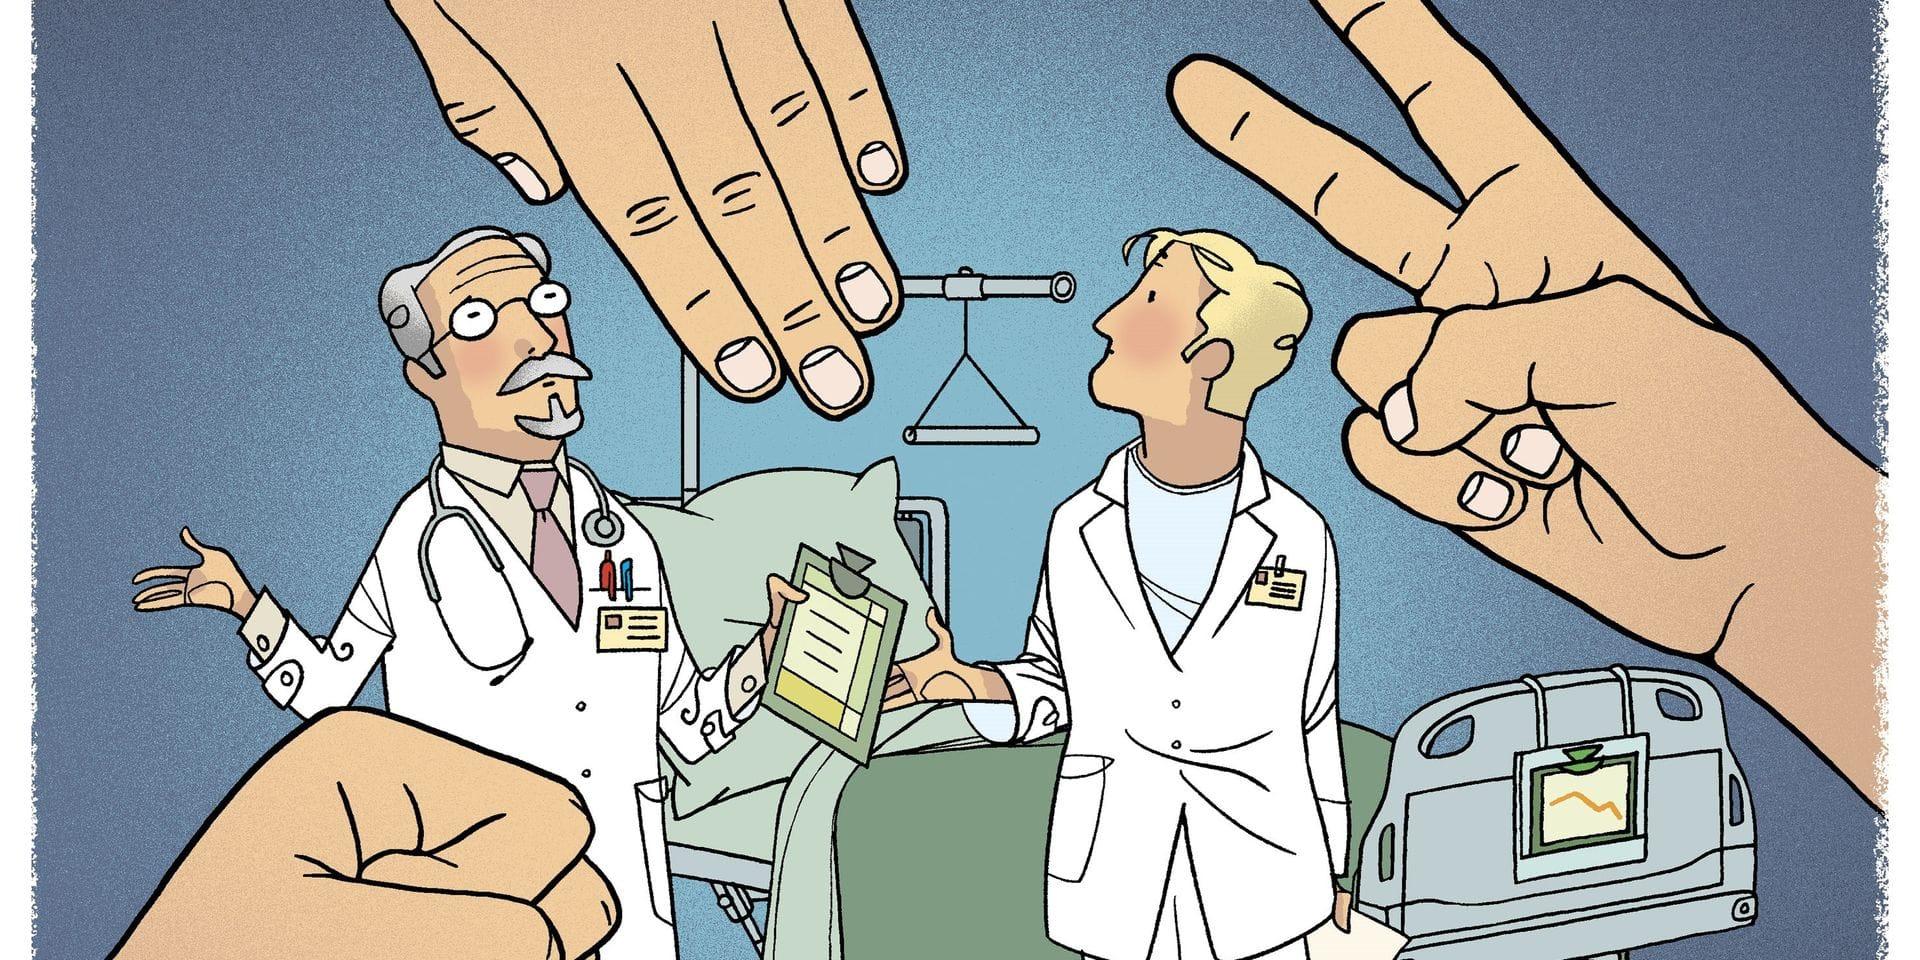 En cas de rationnement des soins dans les hôpitaux, comment décider quels patients soigner en priorité ?